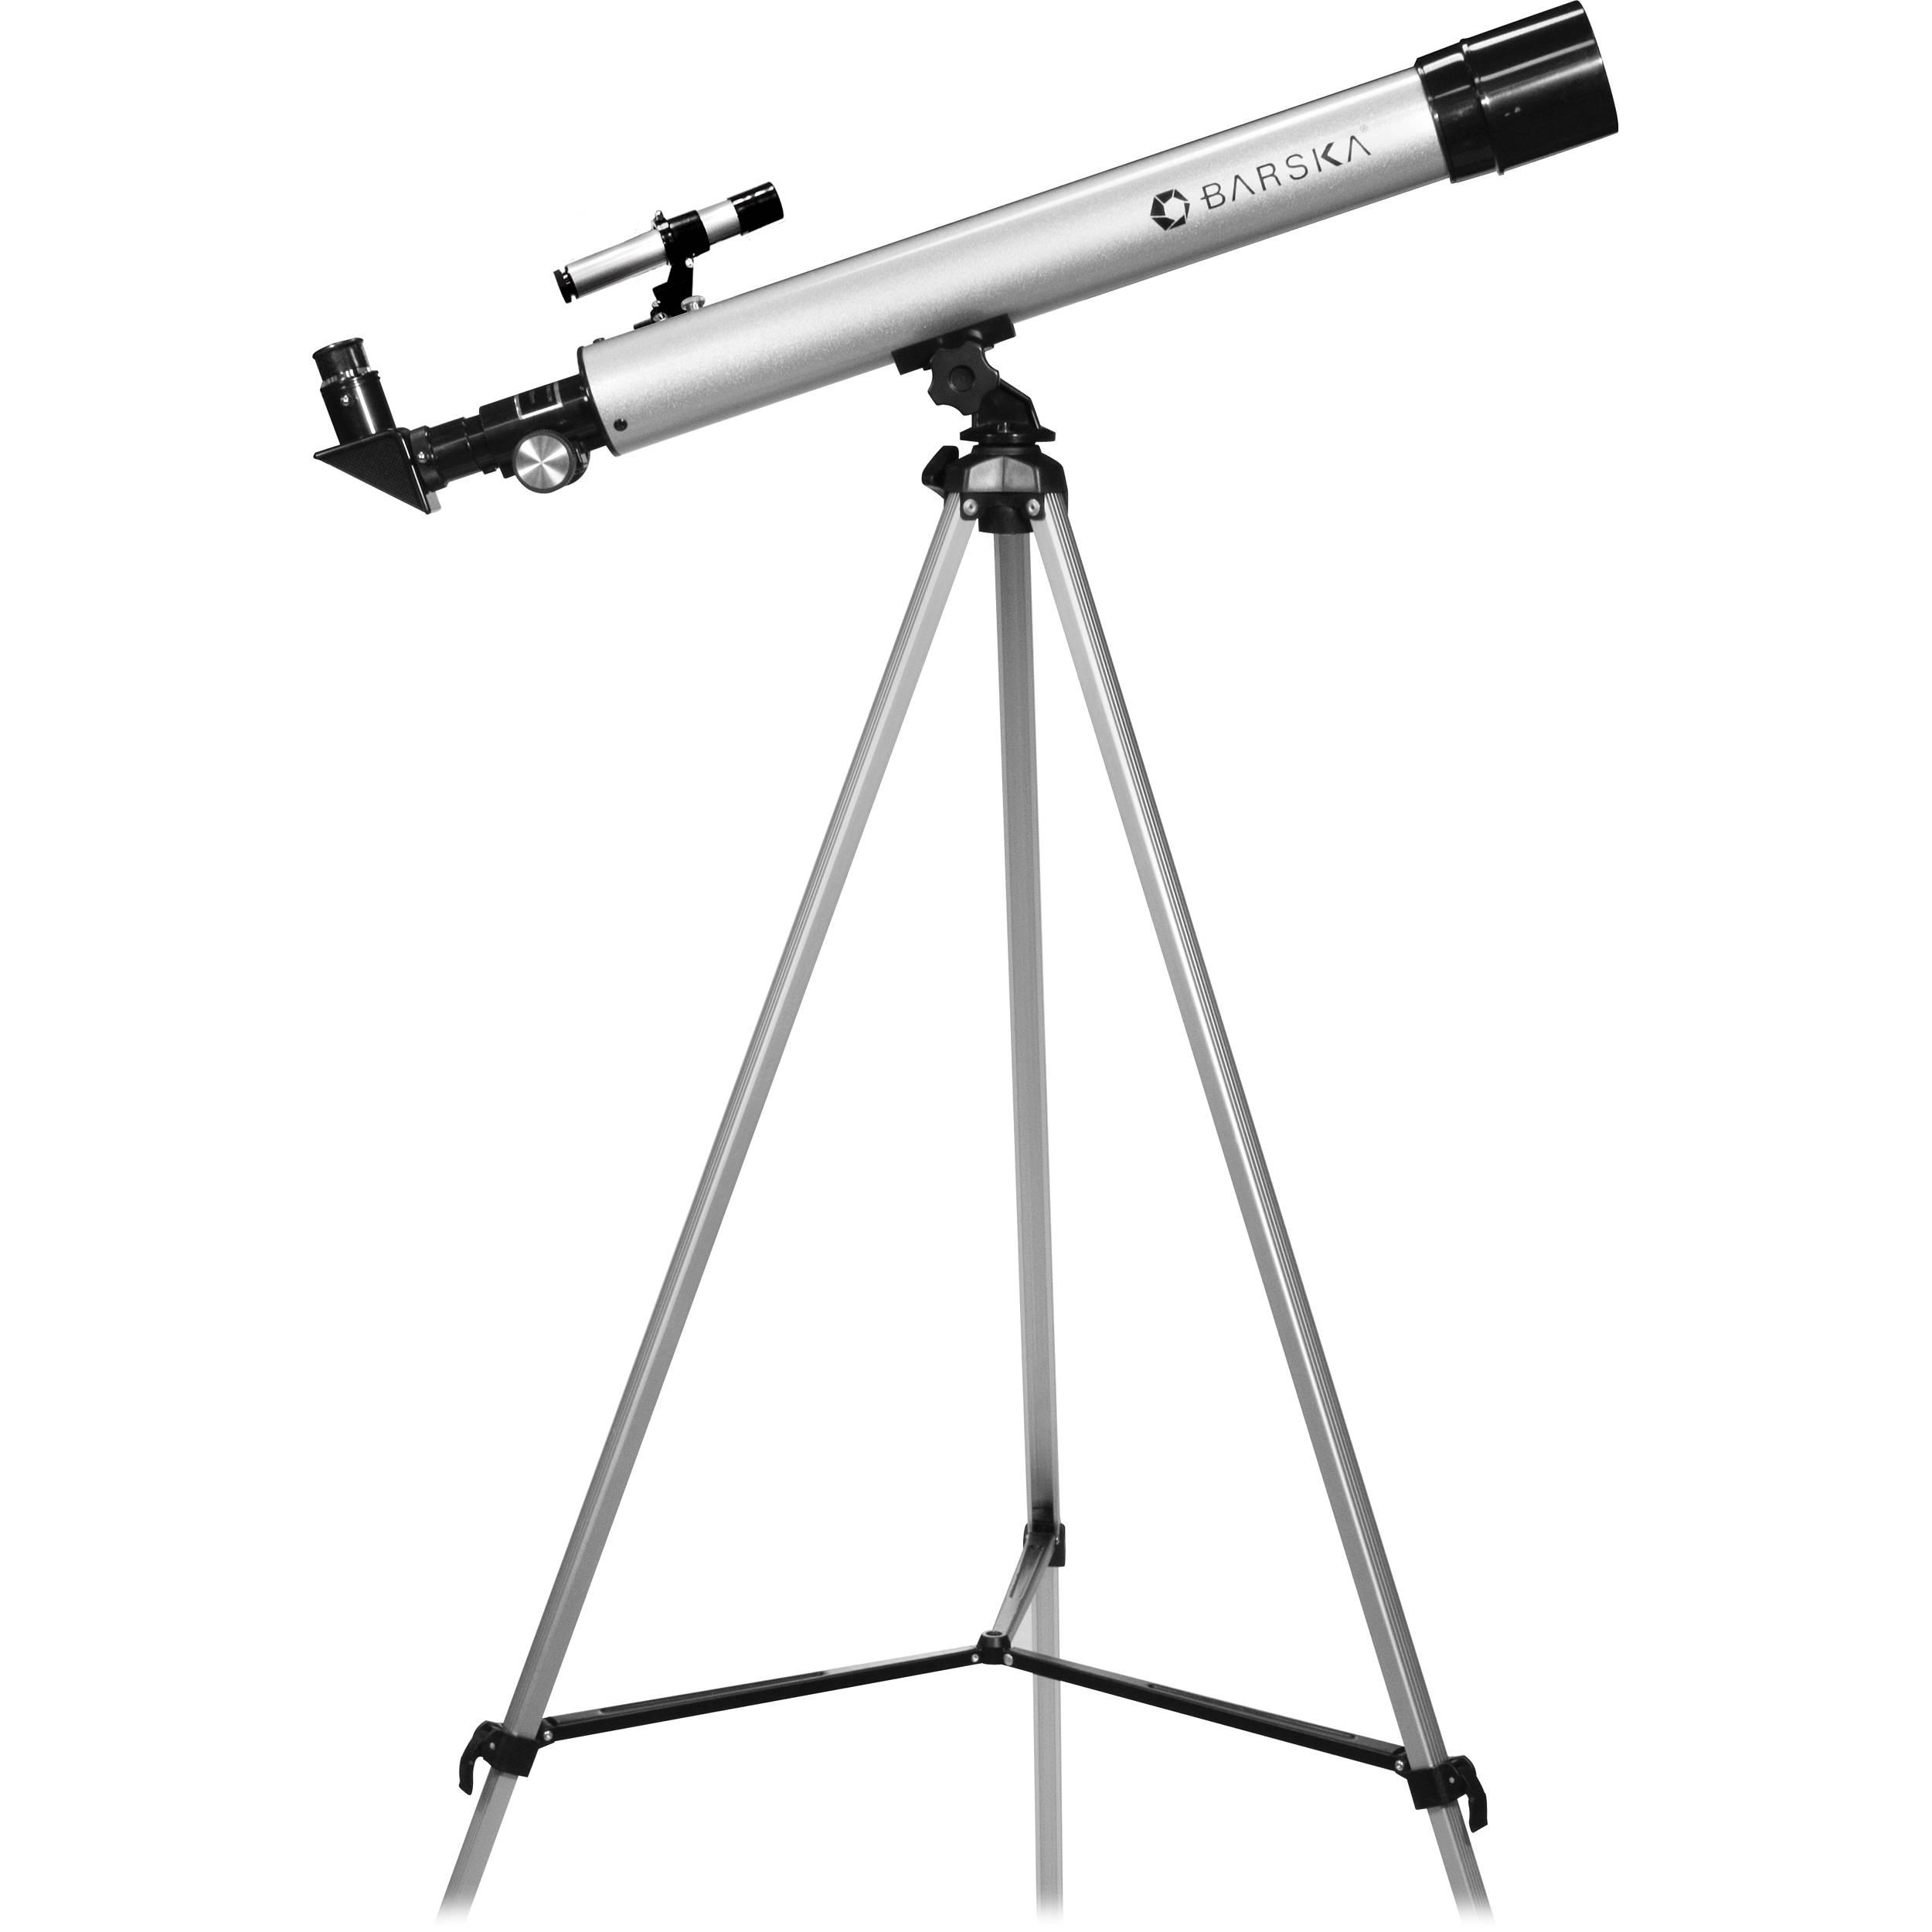 Barska 450 Power Starwatcher Refractor Telescope